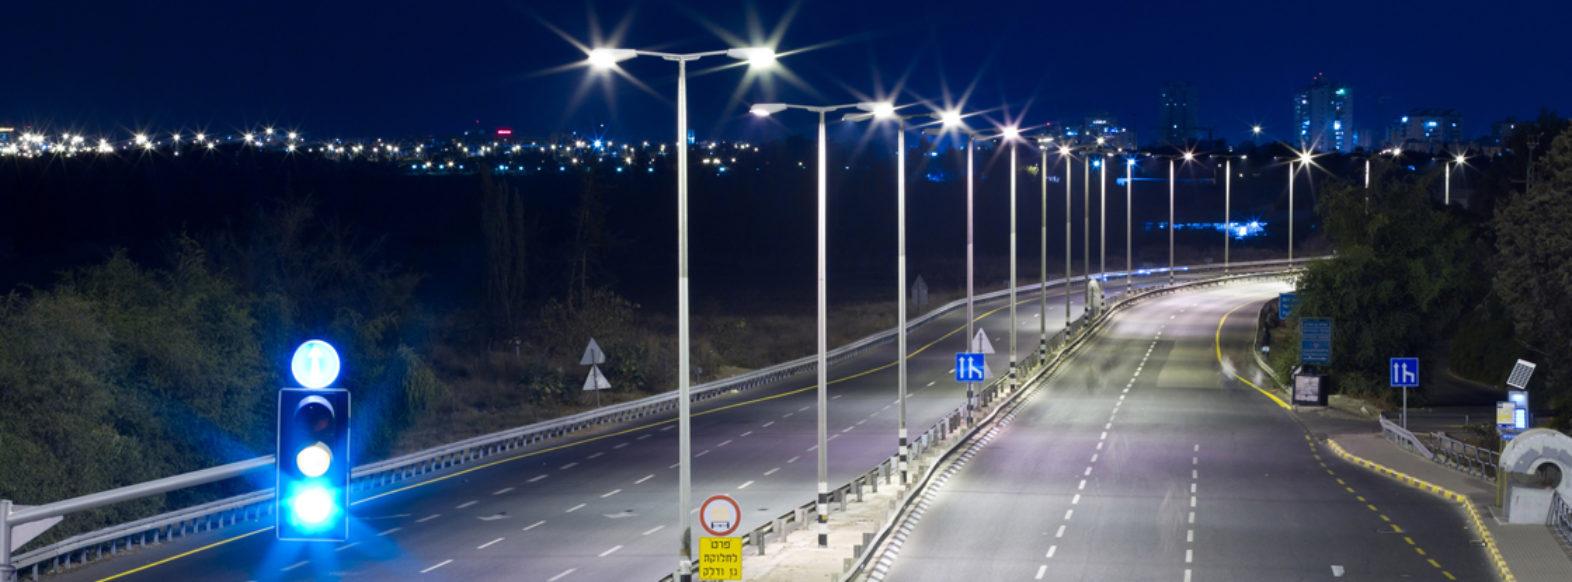 """קריית ביאליק-פרויקט ענק להתקנת תאורה """"חכמה"""" ברחבי העיר"""